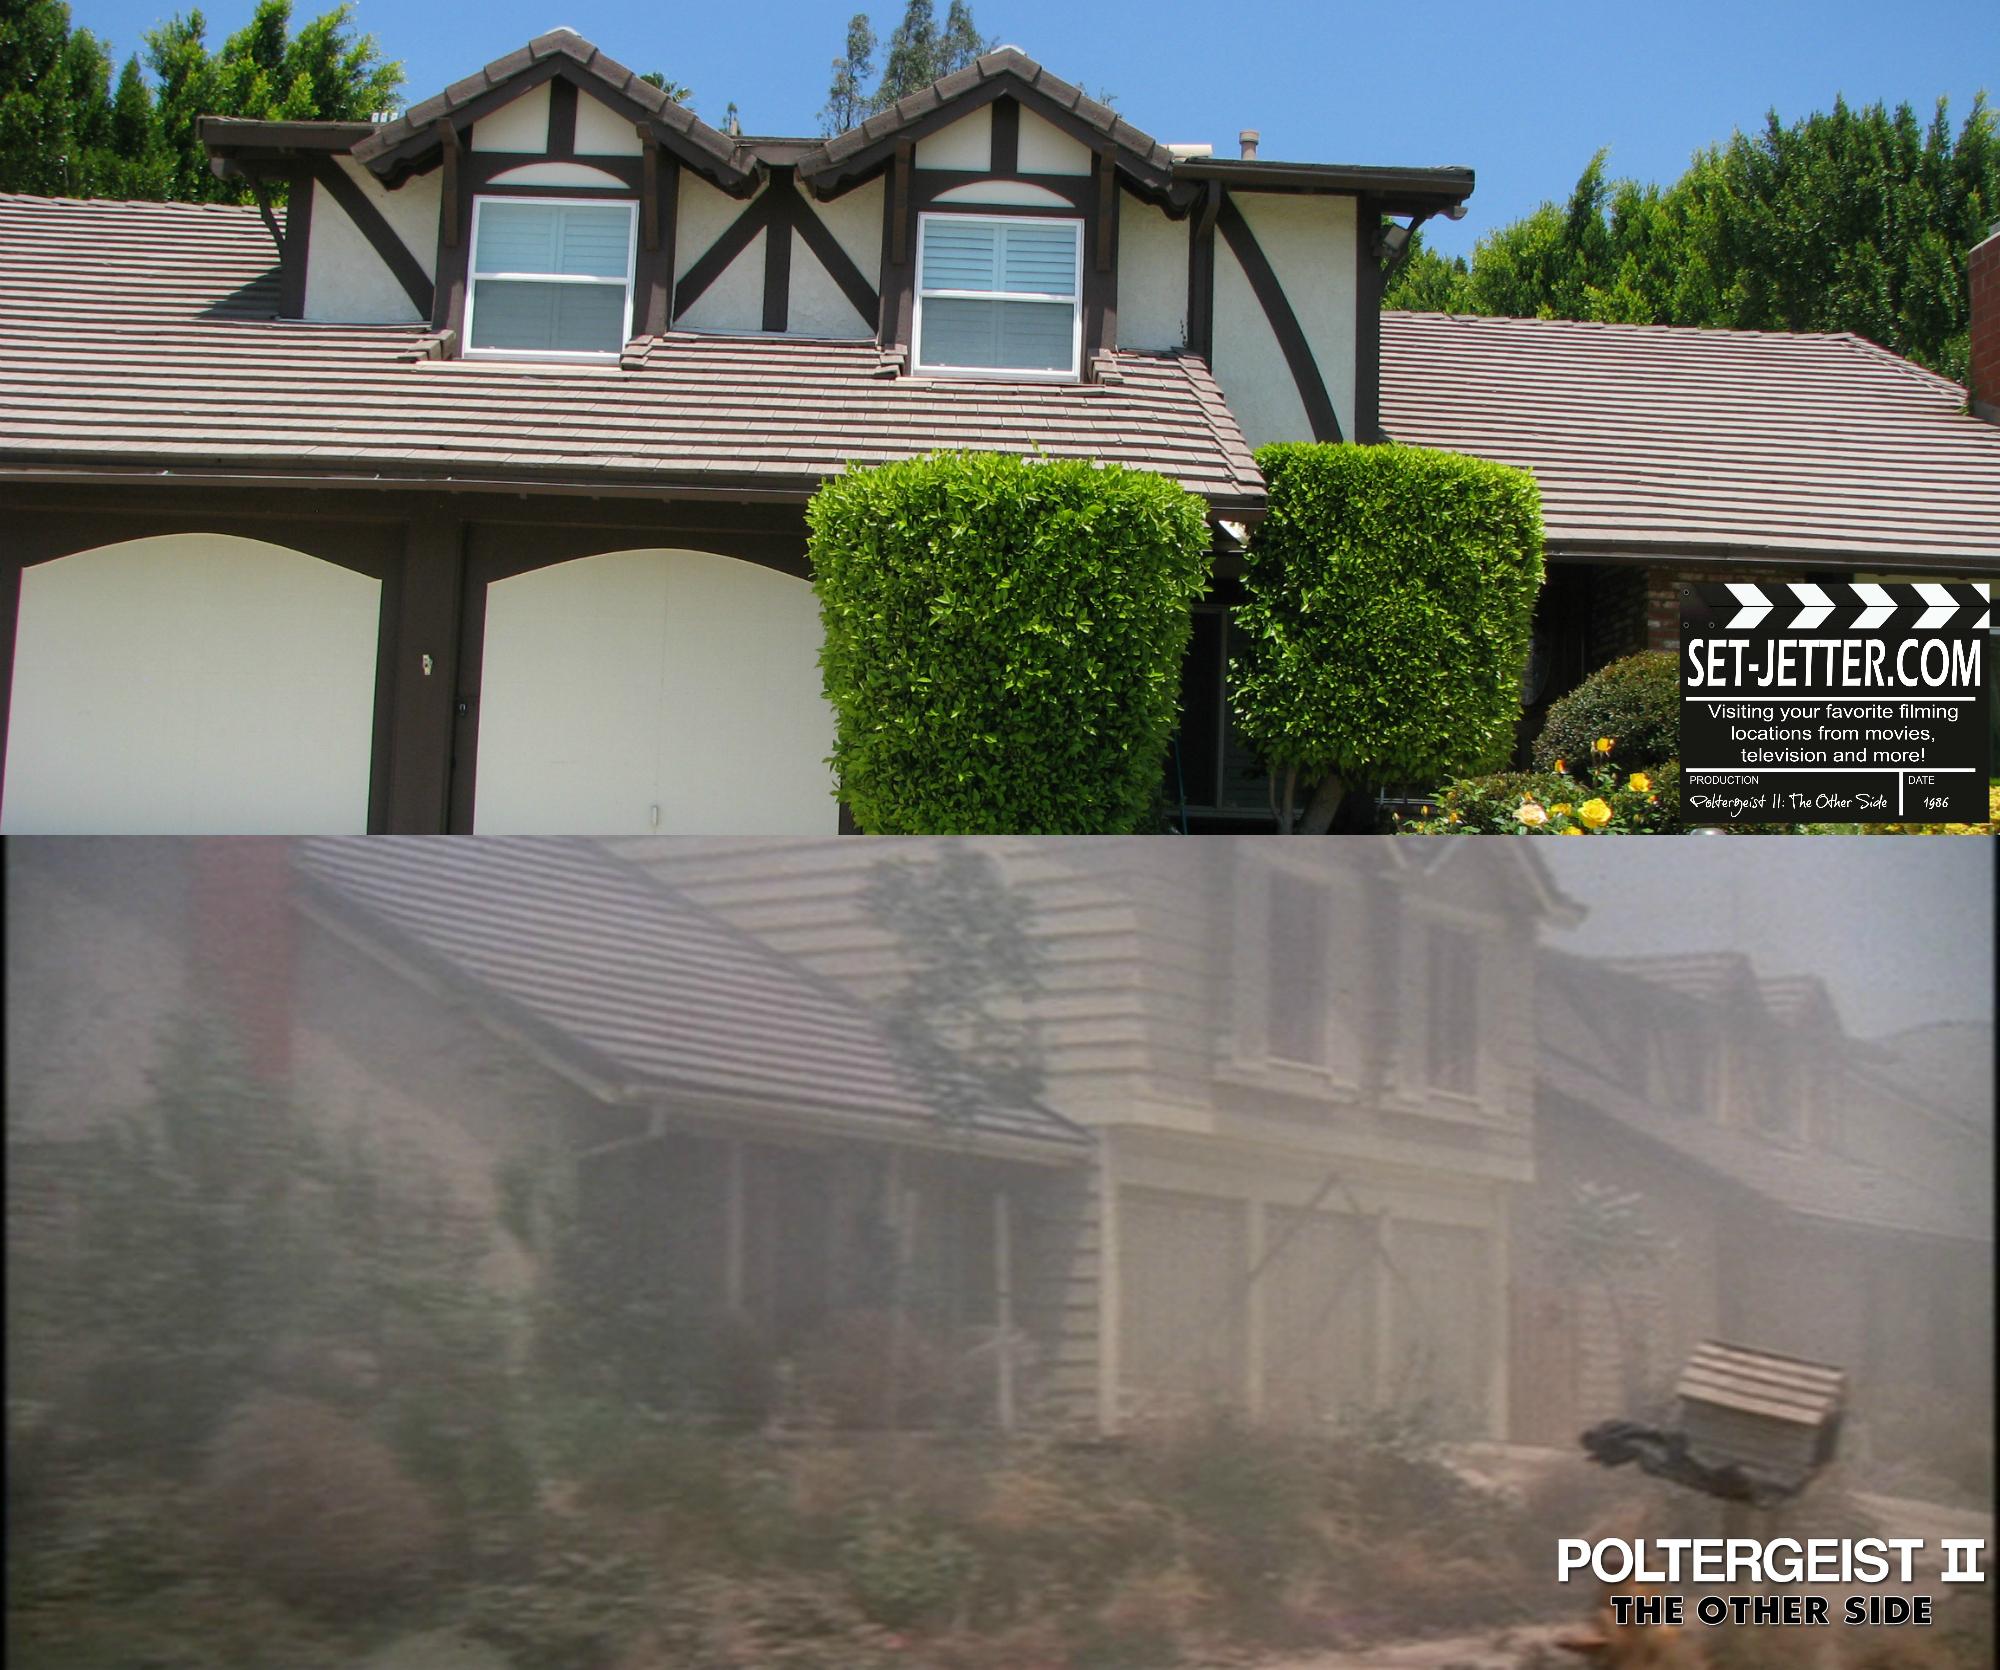 Poltergeist II comparison 06.jpg